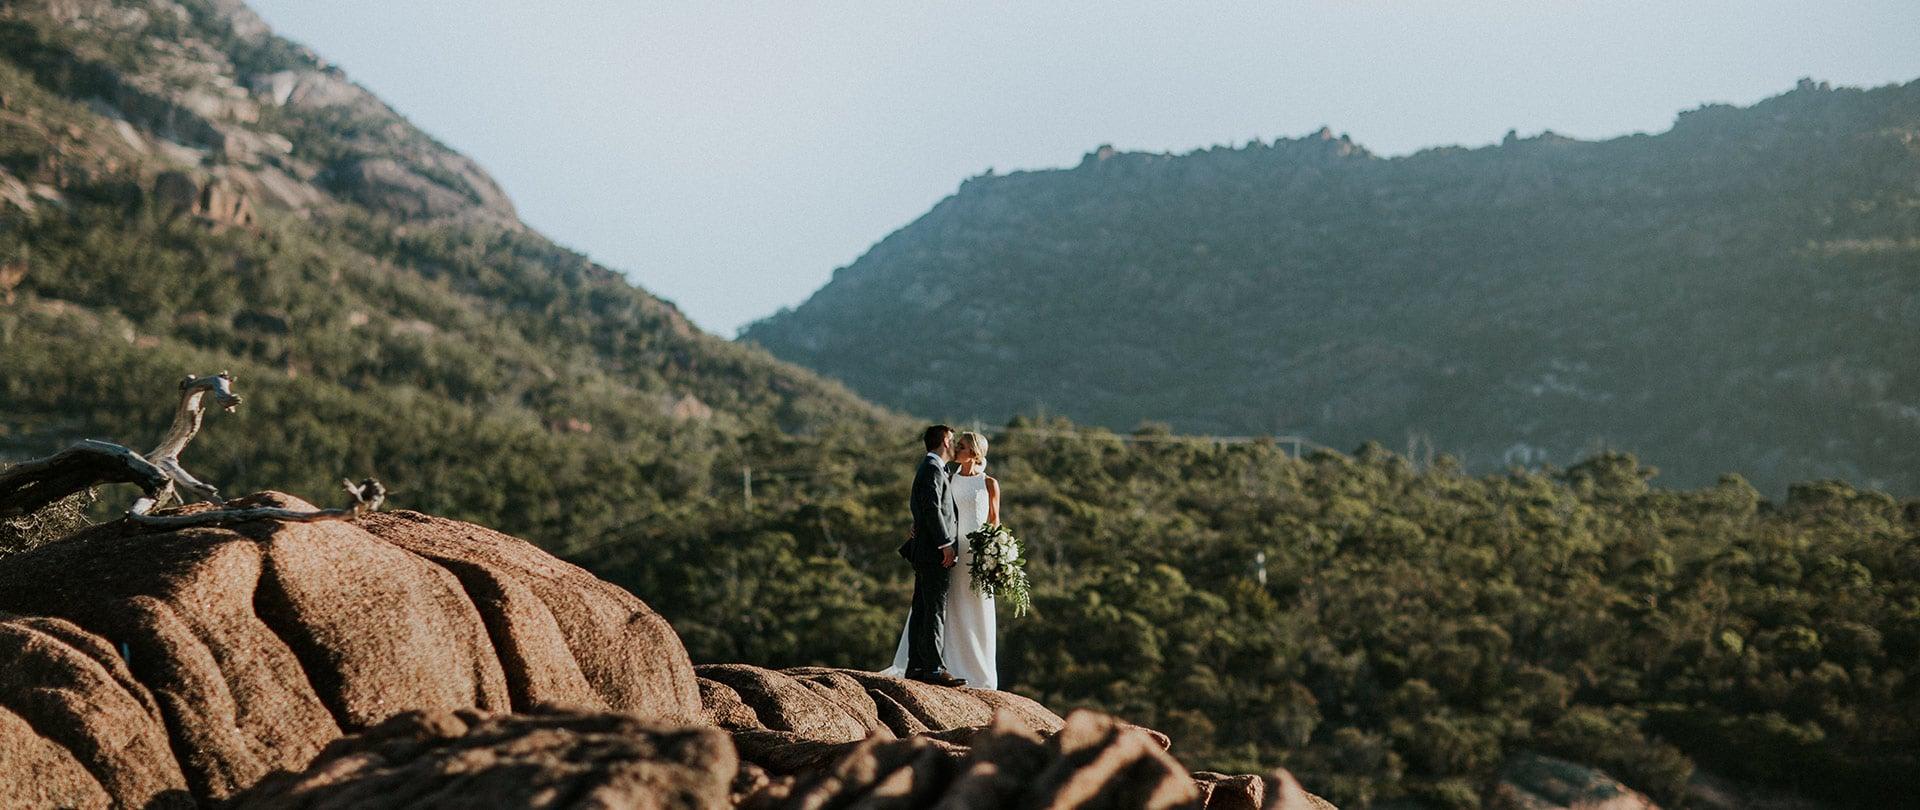 Laura & Ben Wedding Video Filmed at Tasmania, Australia